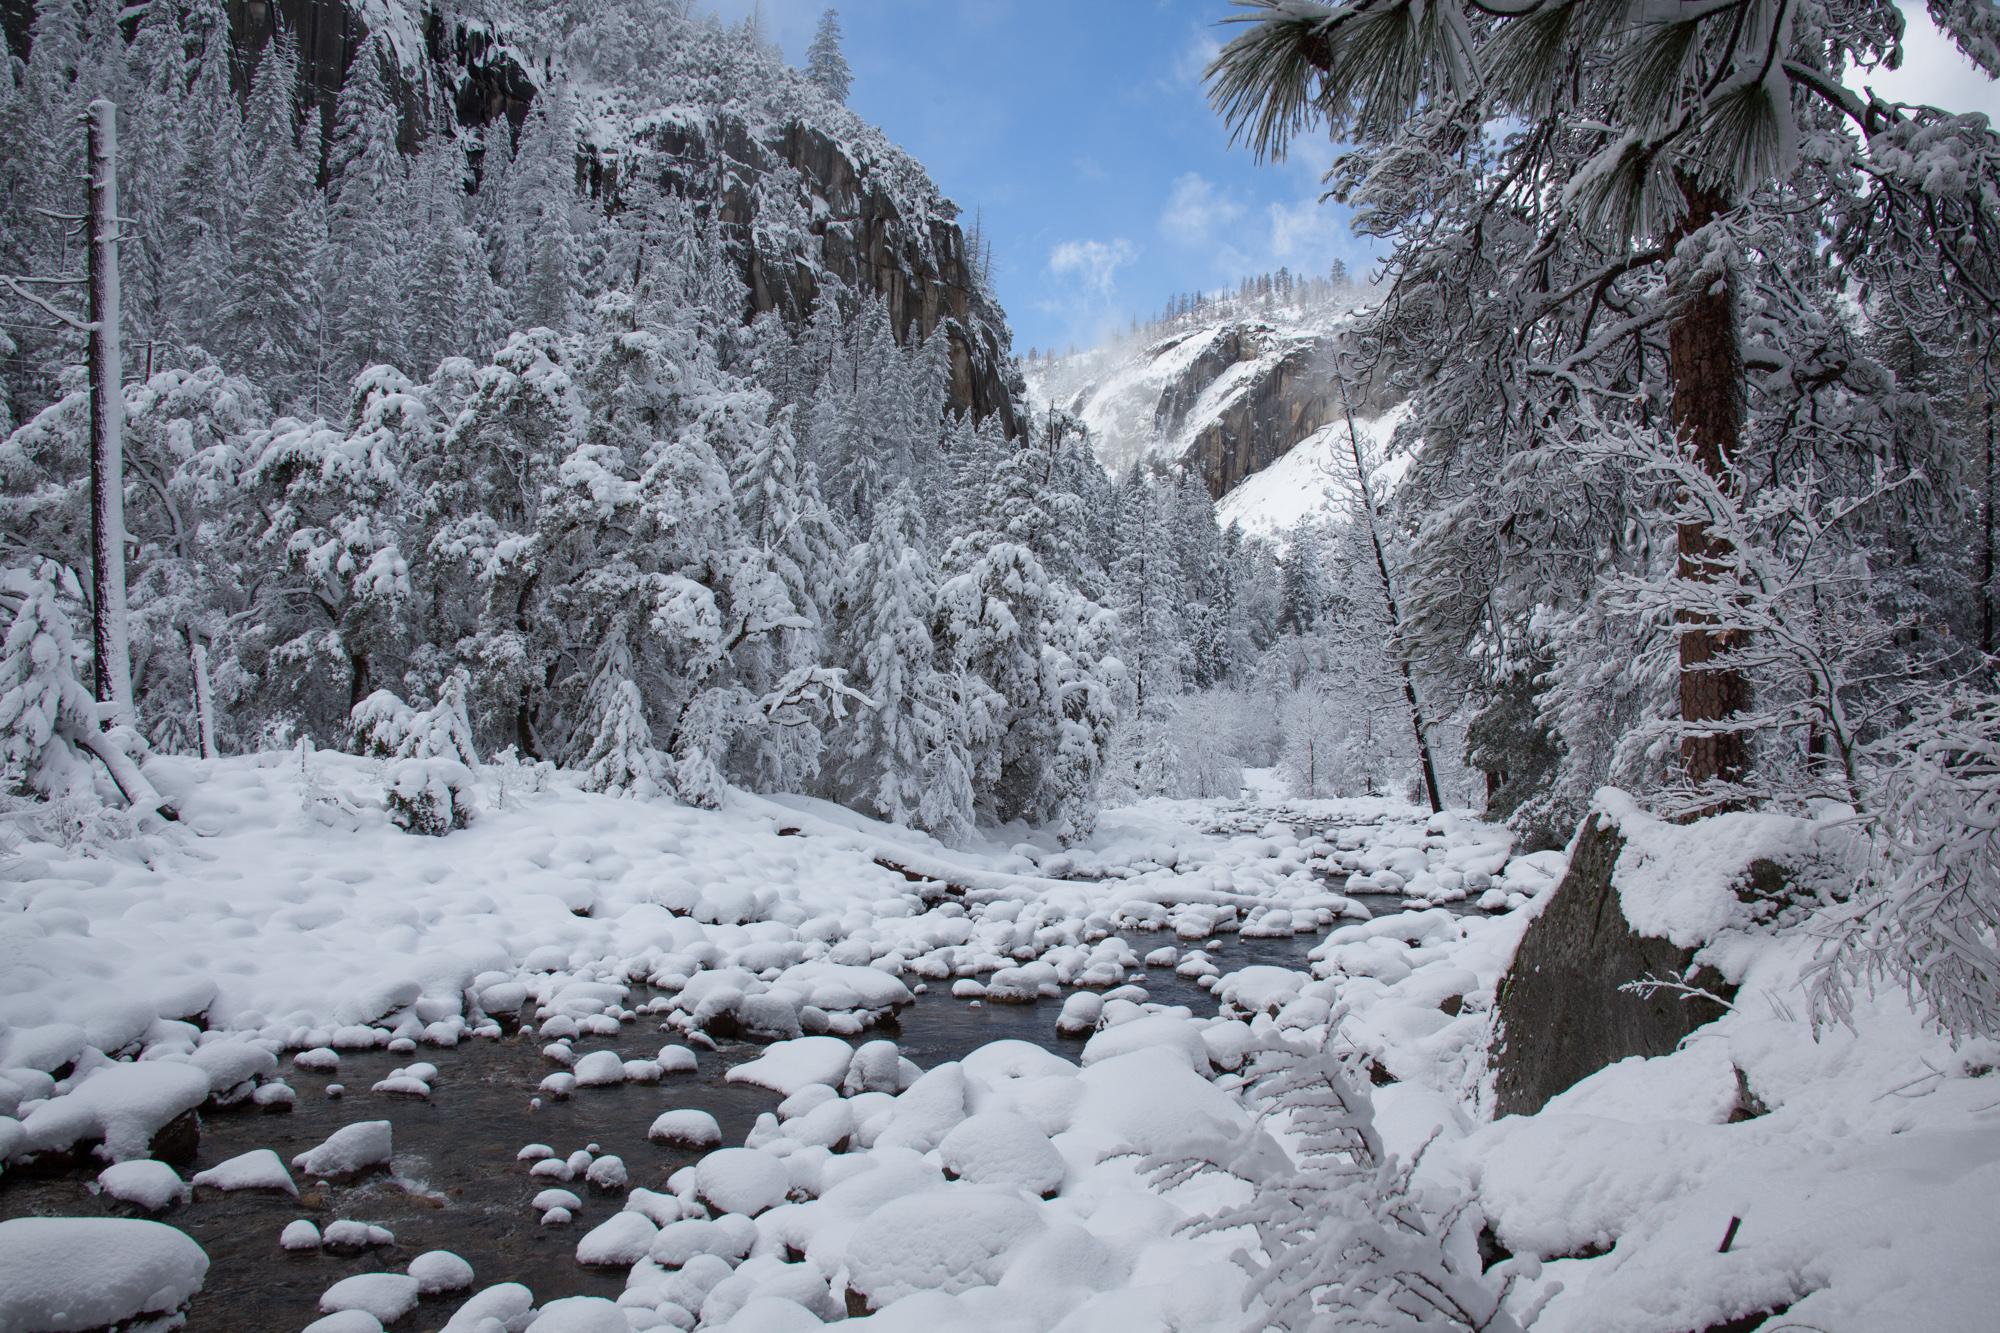 2019-02 Yosemite-32.jpg